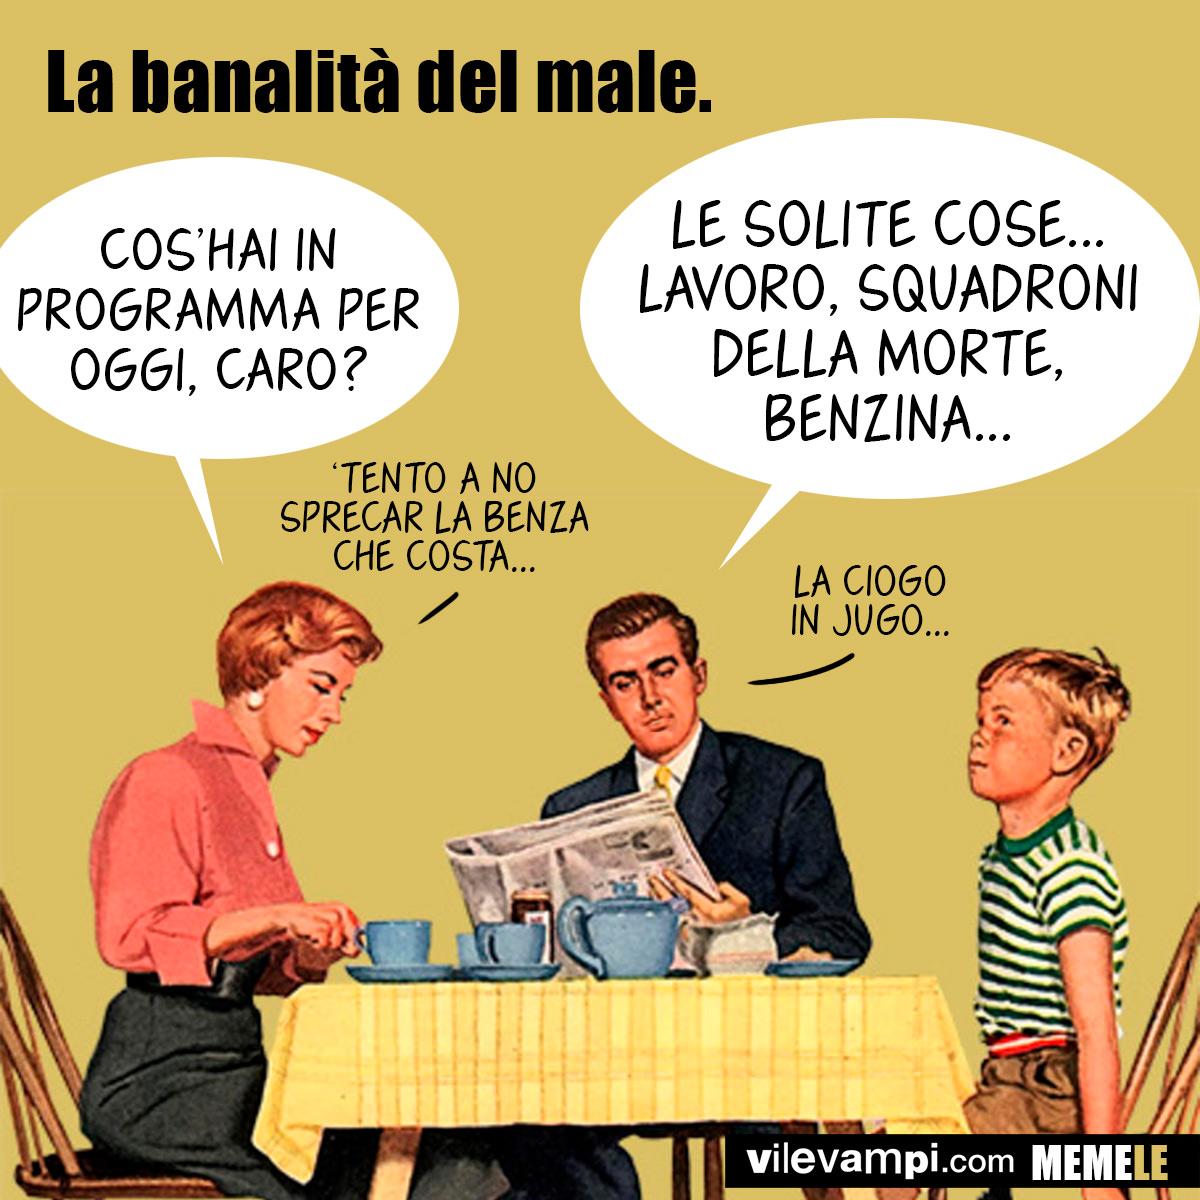 Meme_Famiglia_male